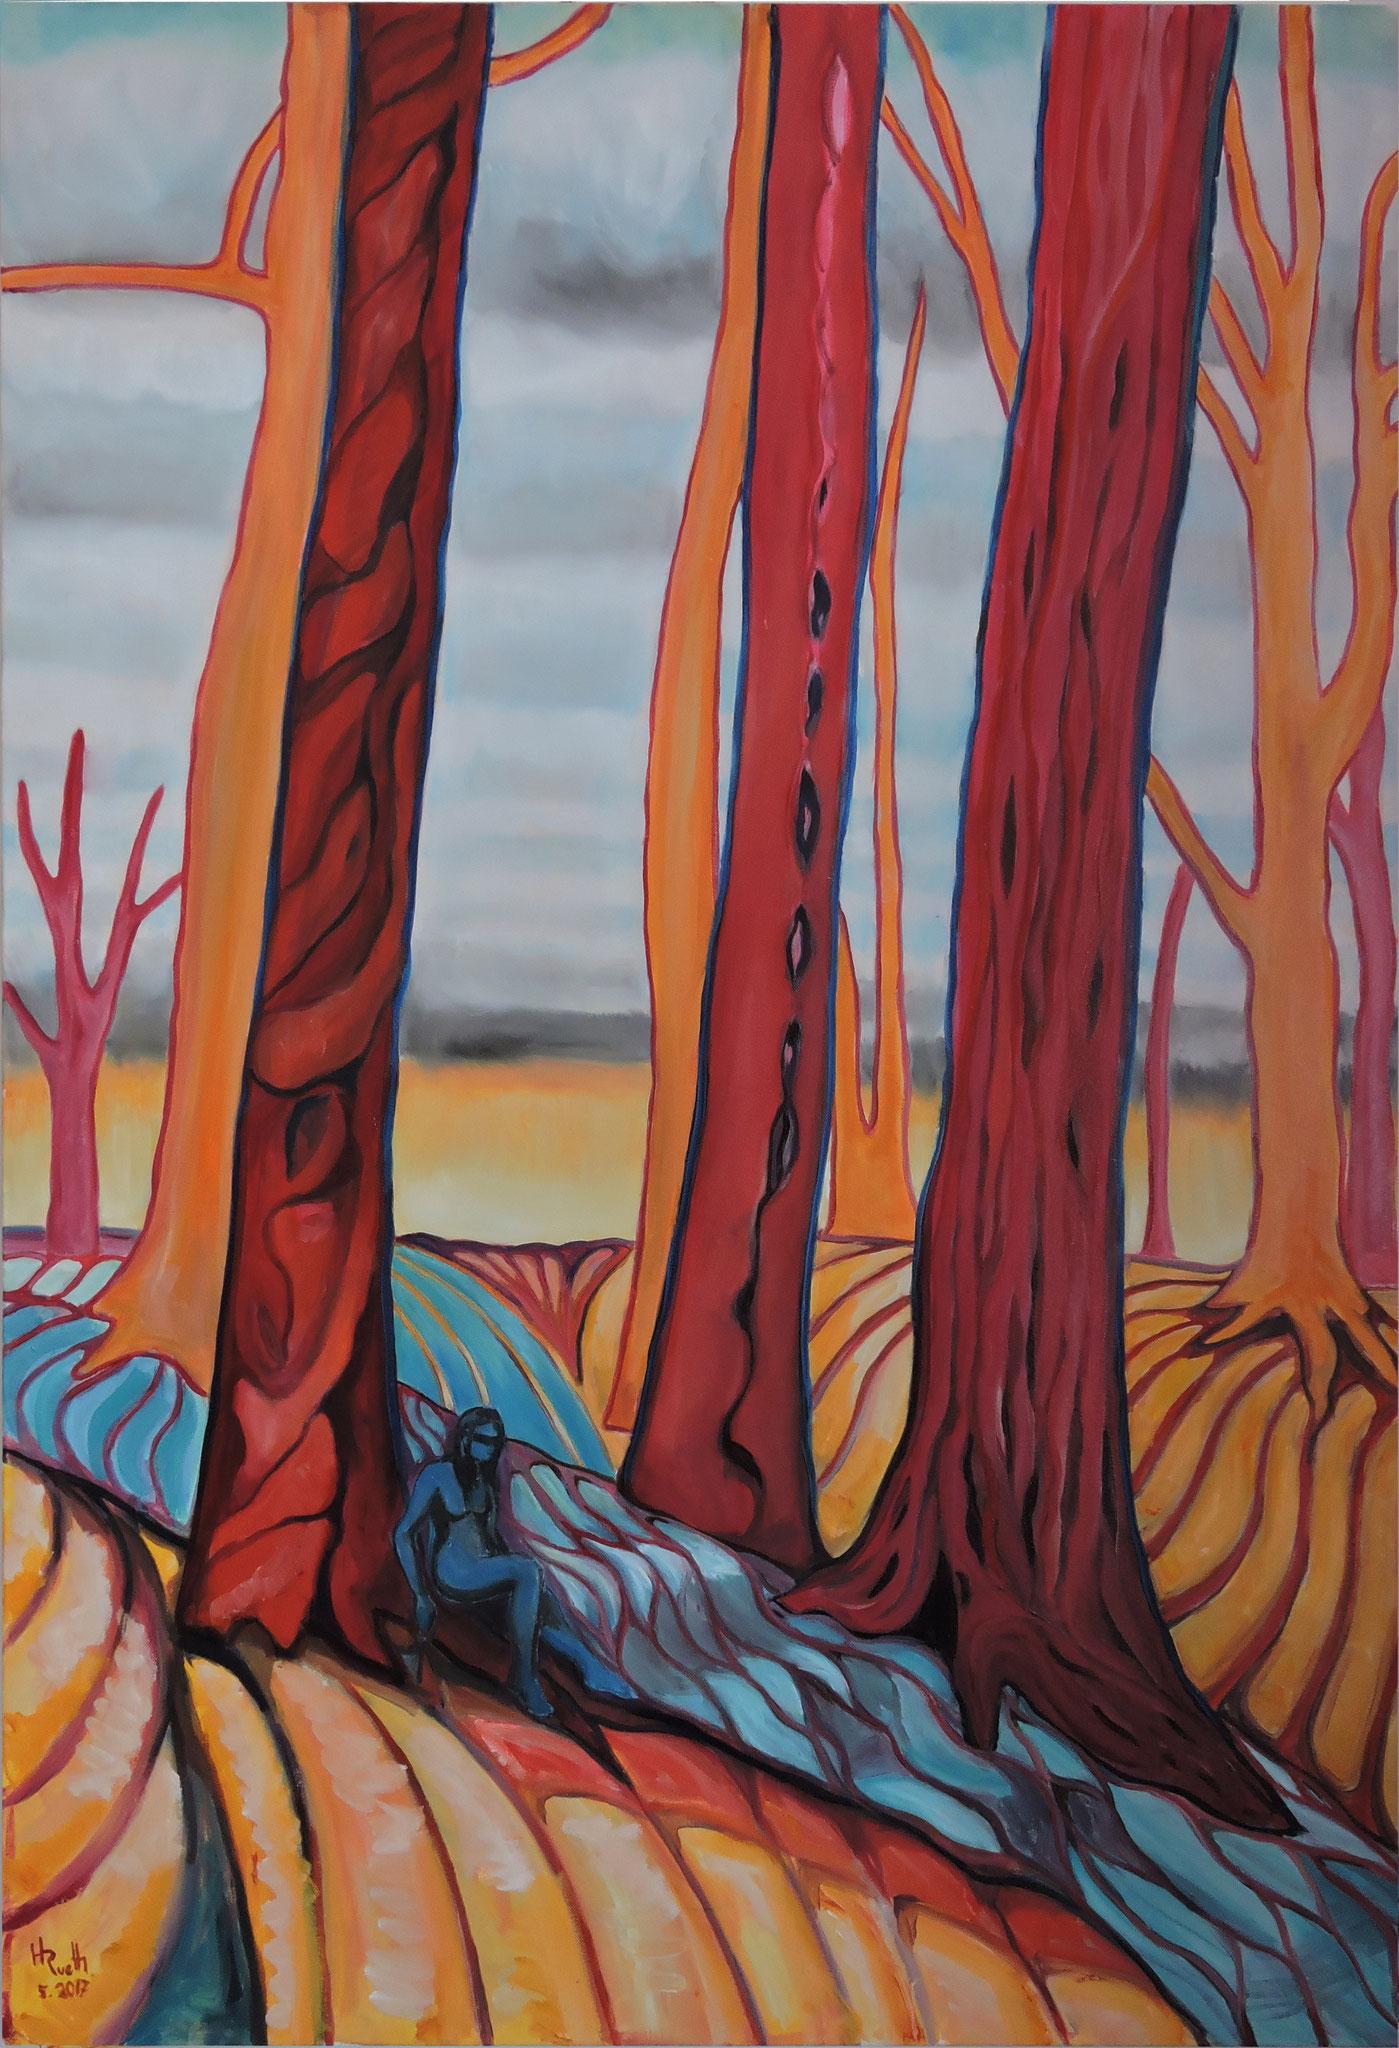 """""""Bäume 5"""", Öl auf Leinwand, 150 x 100 cm, 2017"""